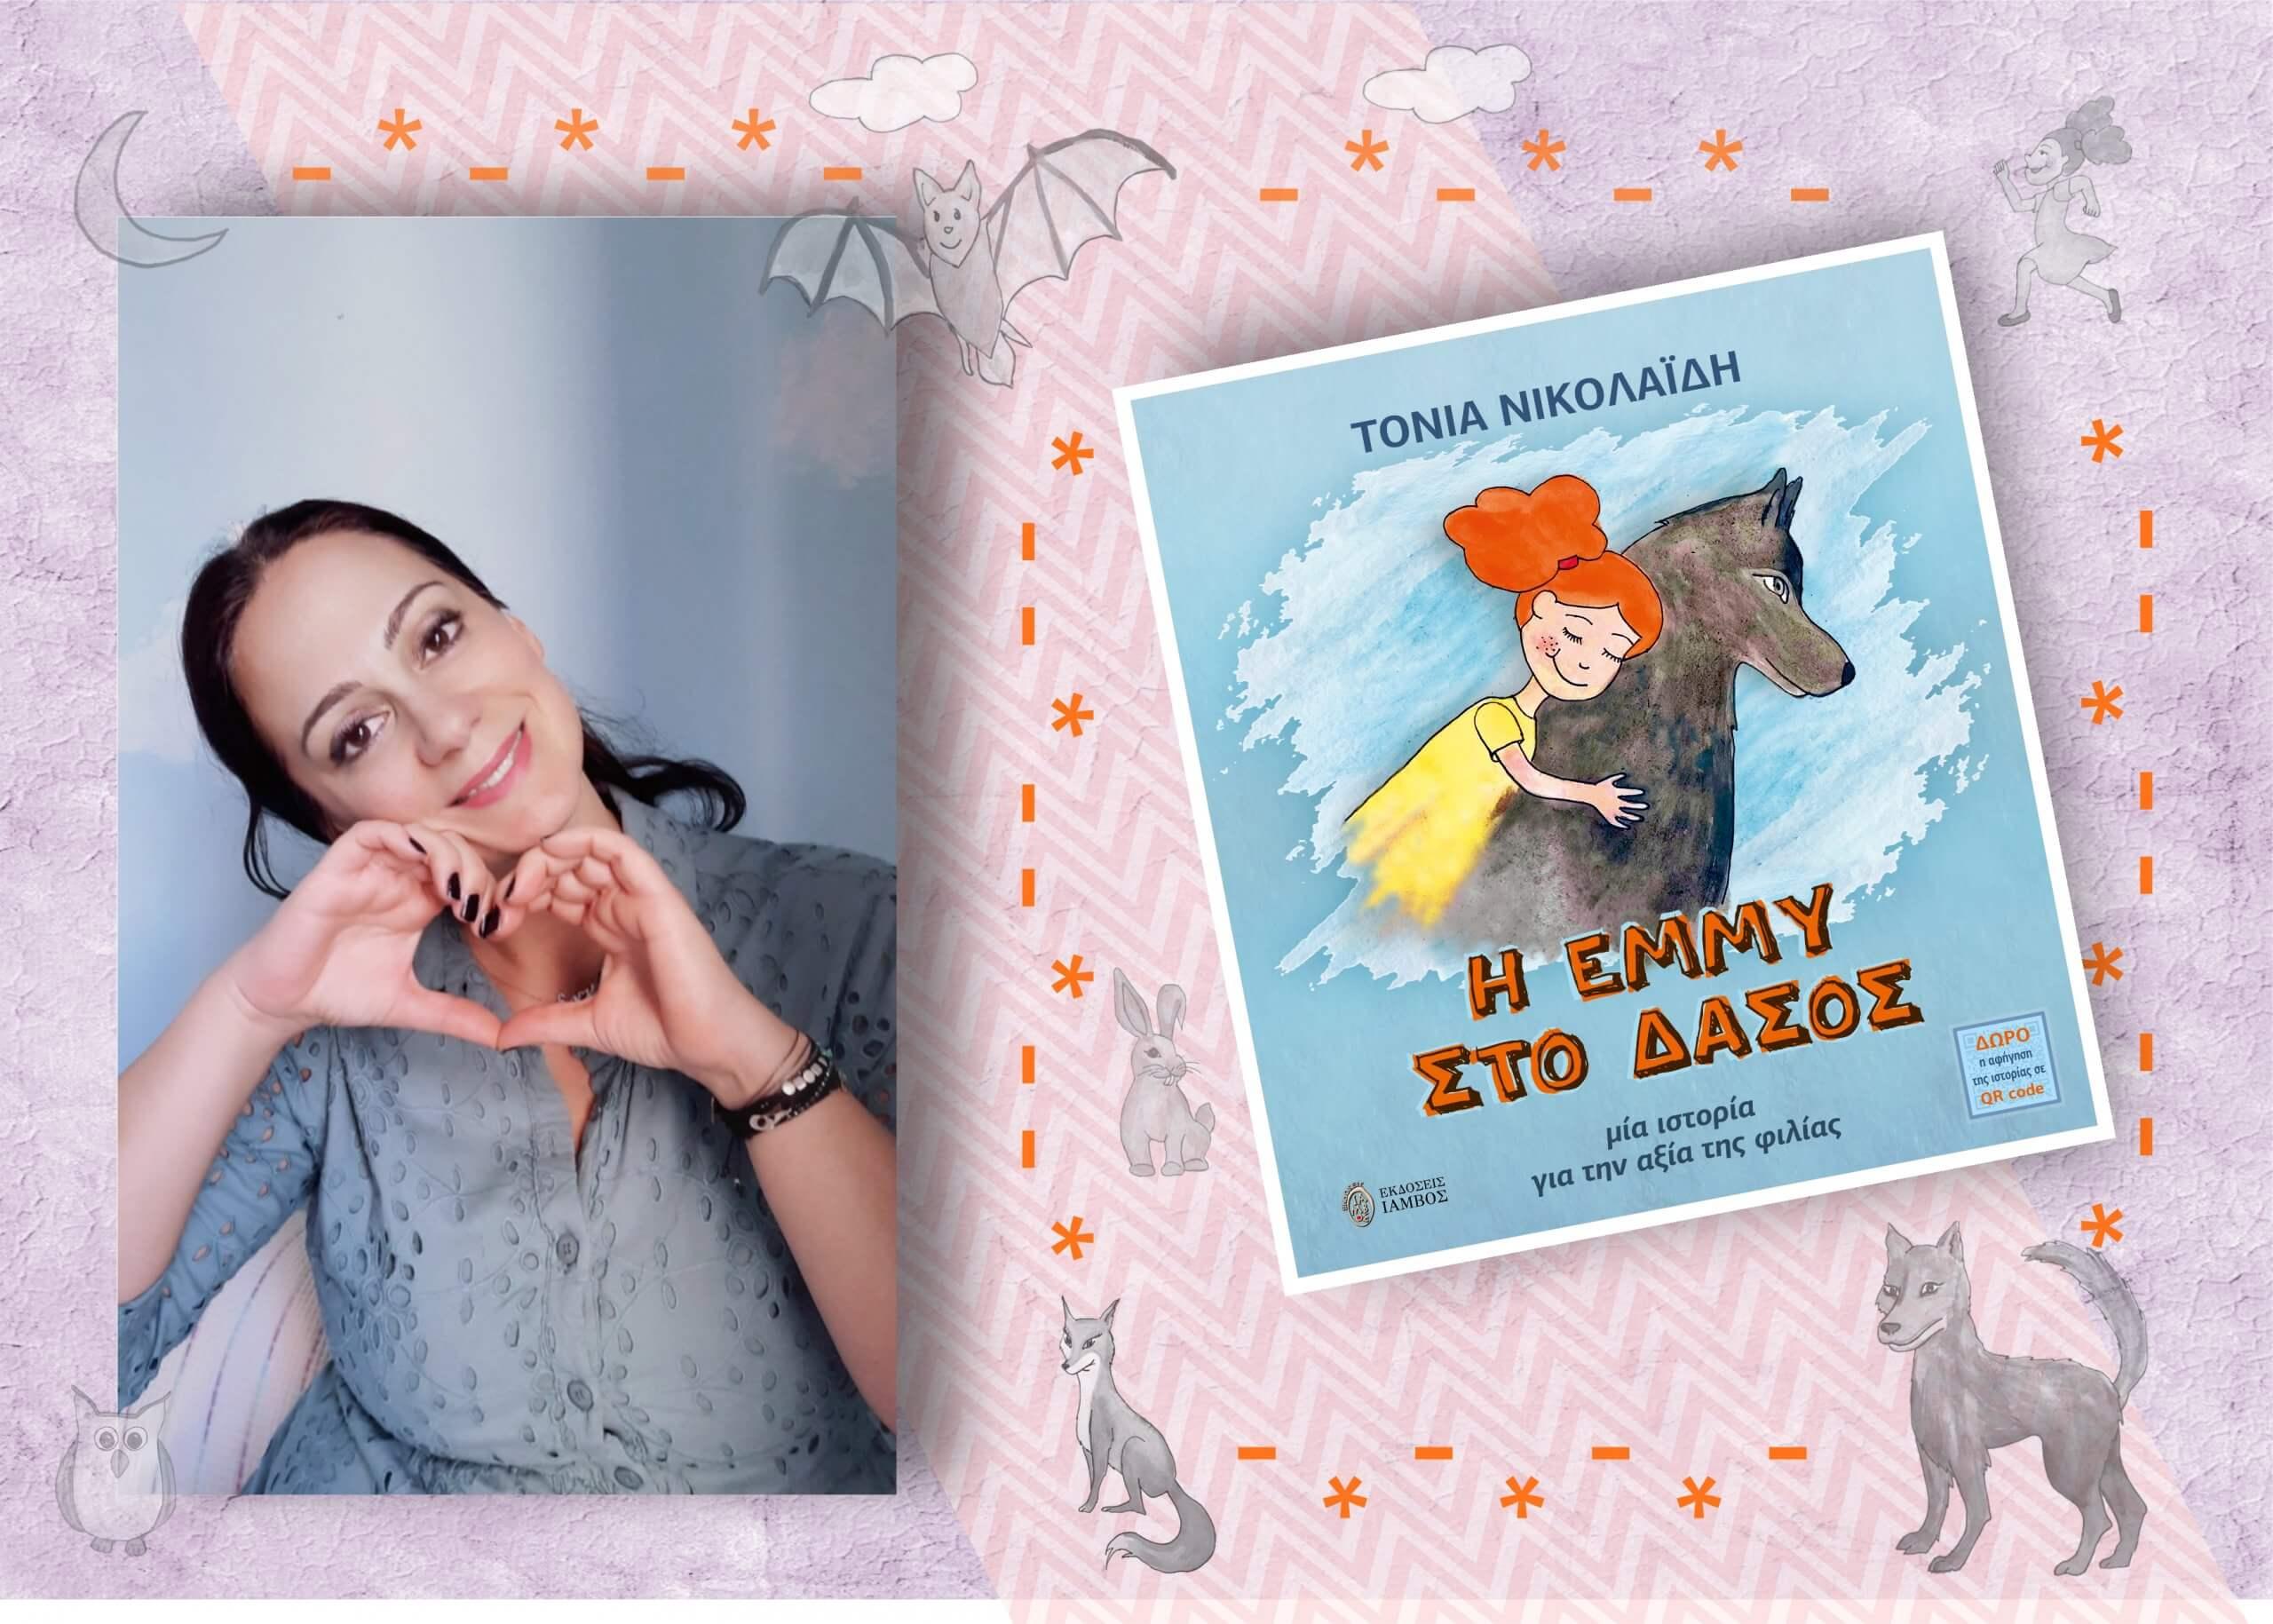 Η ΕΜΜΥ ΣΤΟ ΔΑΣΟΣ της Τόνιας Νικολαΐδη - Full-Time.gr